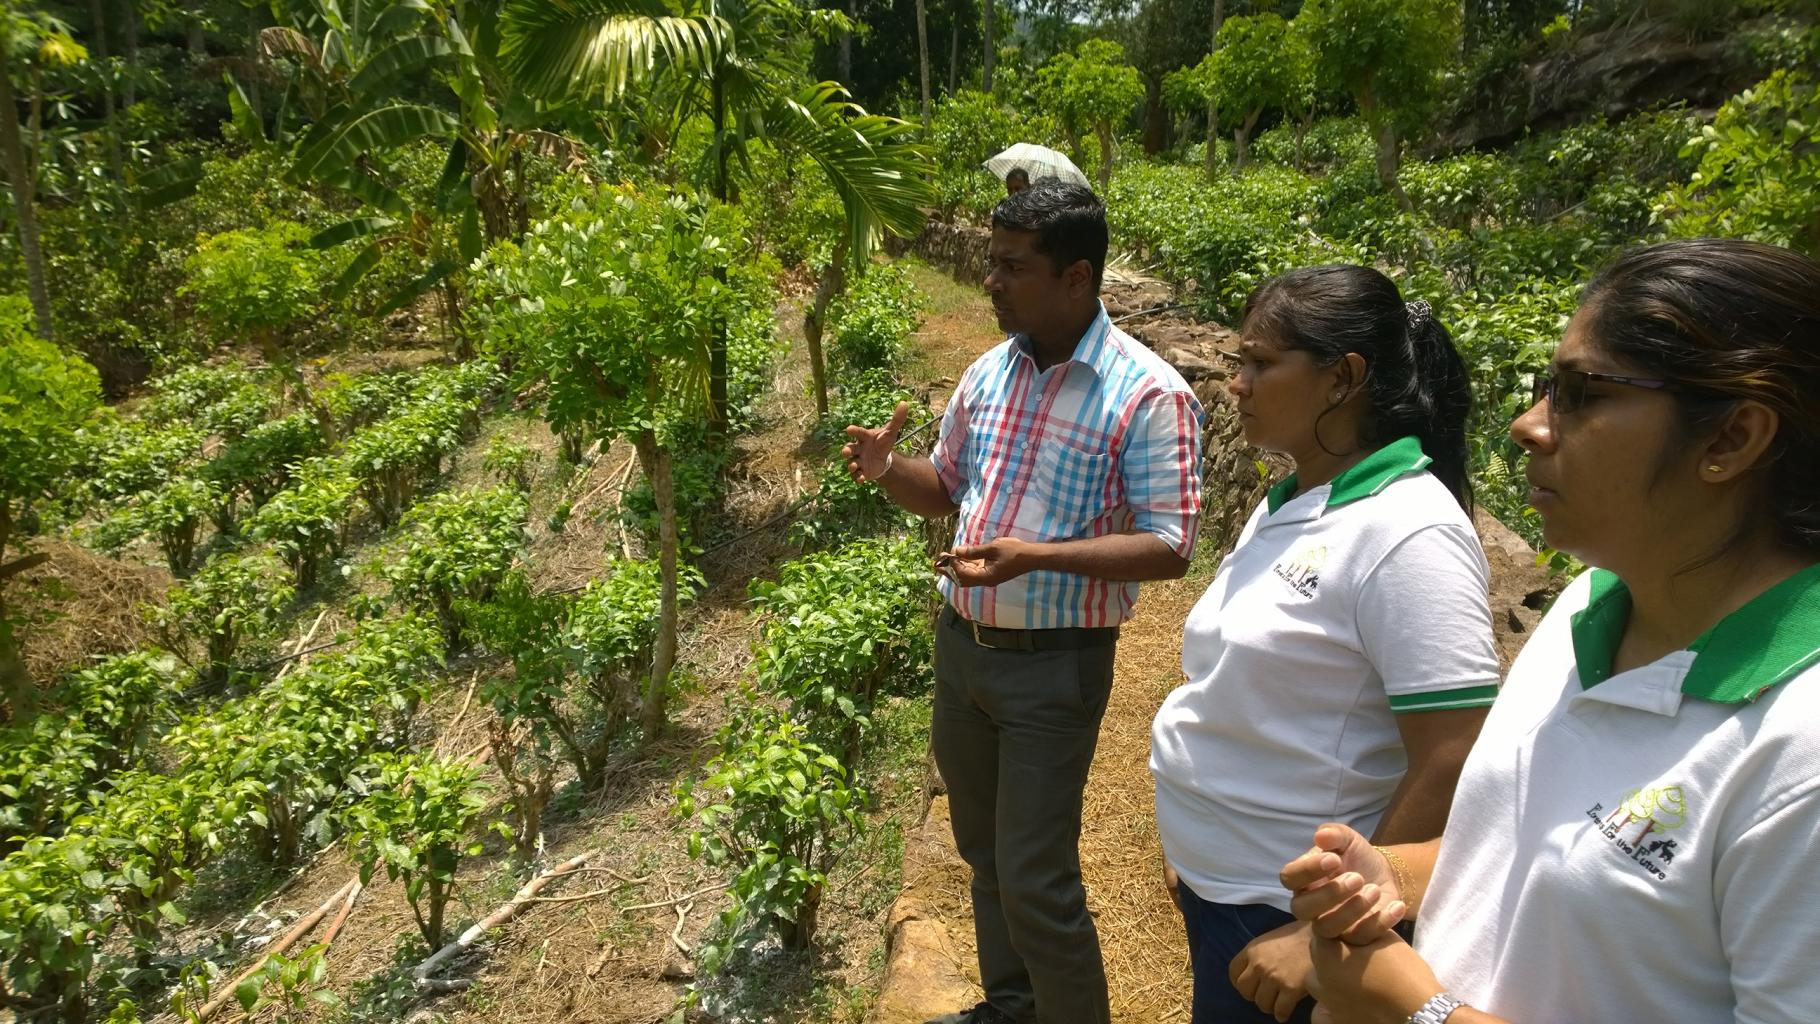 Mitarbeiter*innen von Rainforest Rescue International (RRI) schulen lokale Kleinbauernfamilien